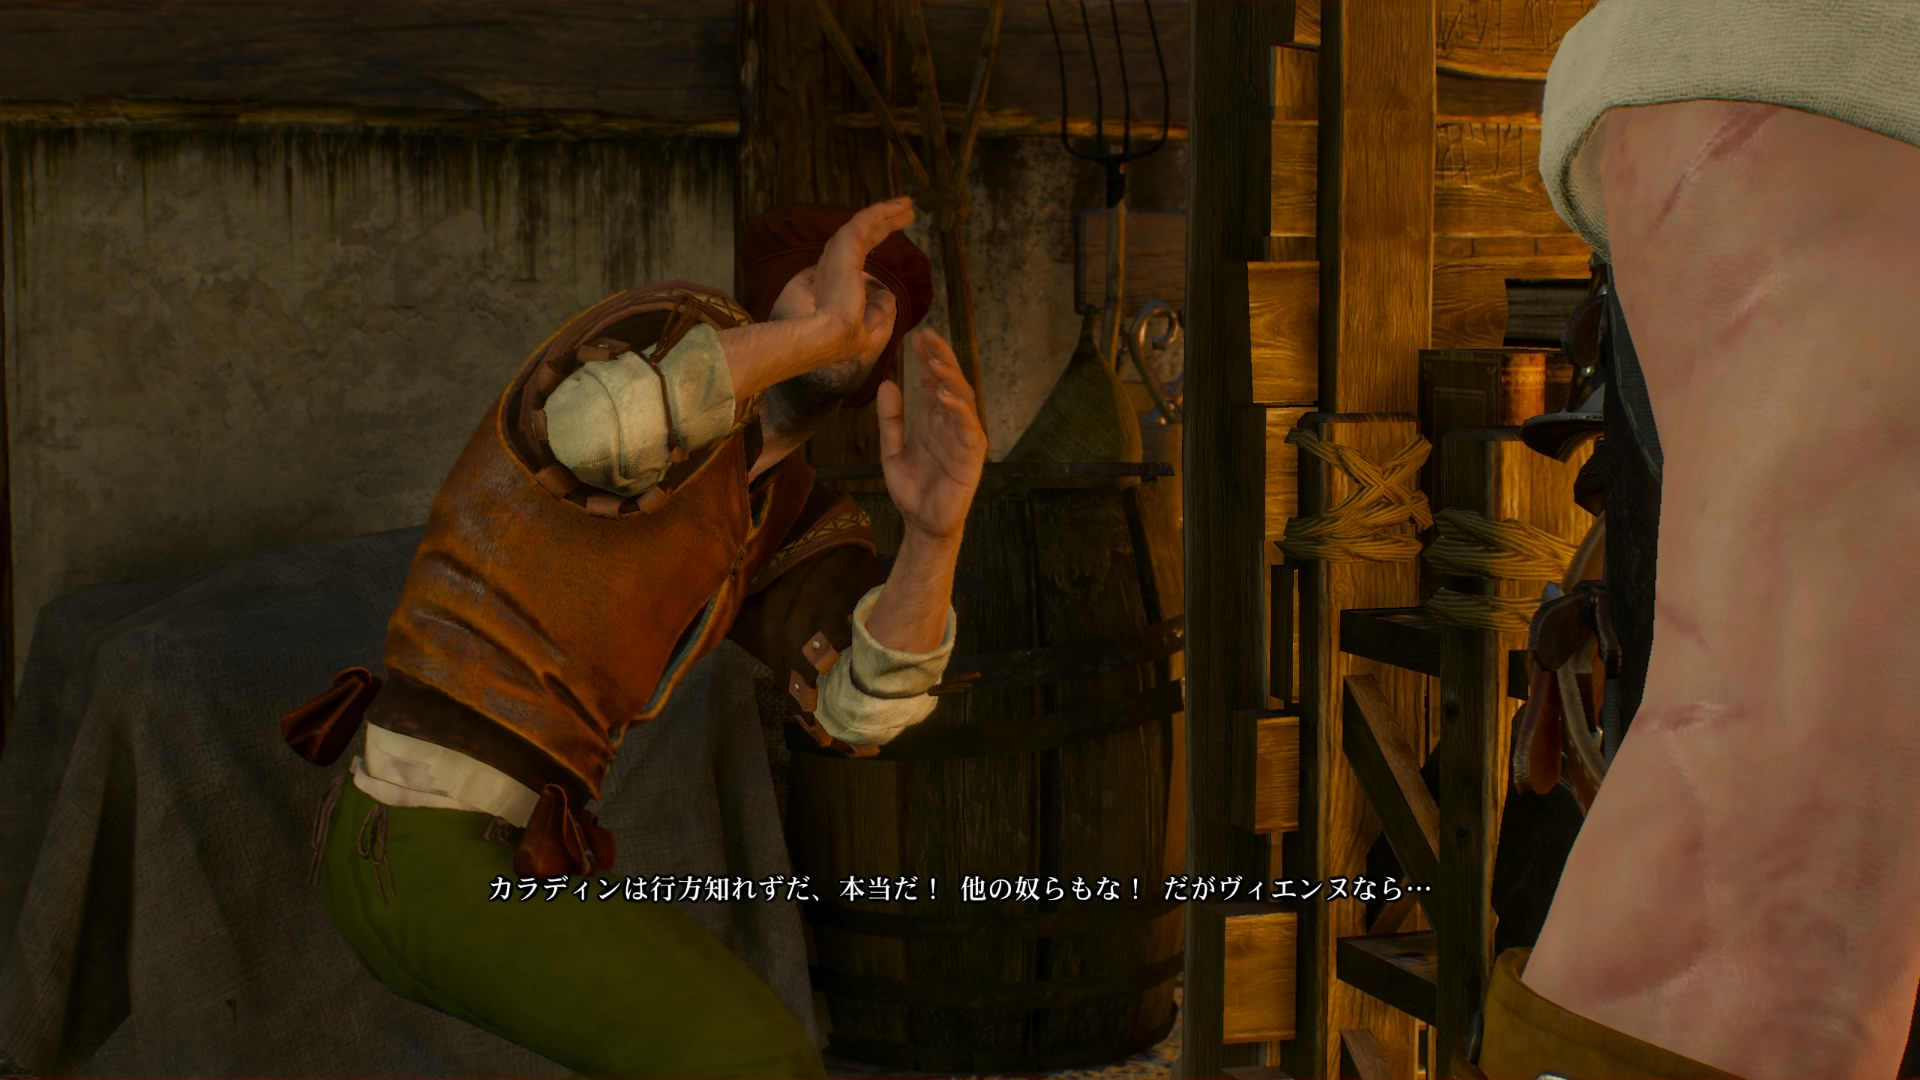 手がかり ウィッチャー を 追って 3 ウィッチャー3について質問です画像の正面にある宝箱がどーやって